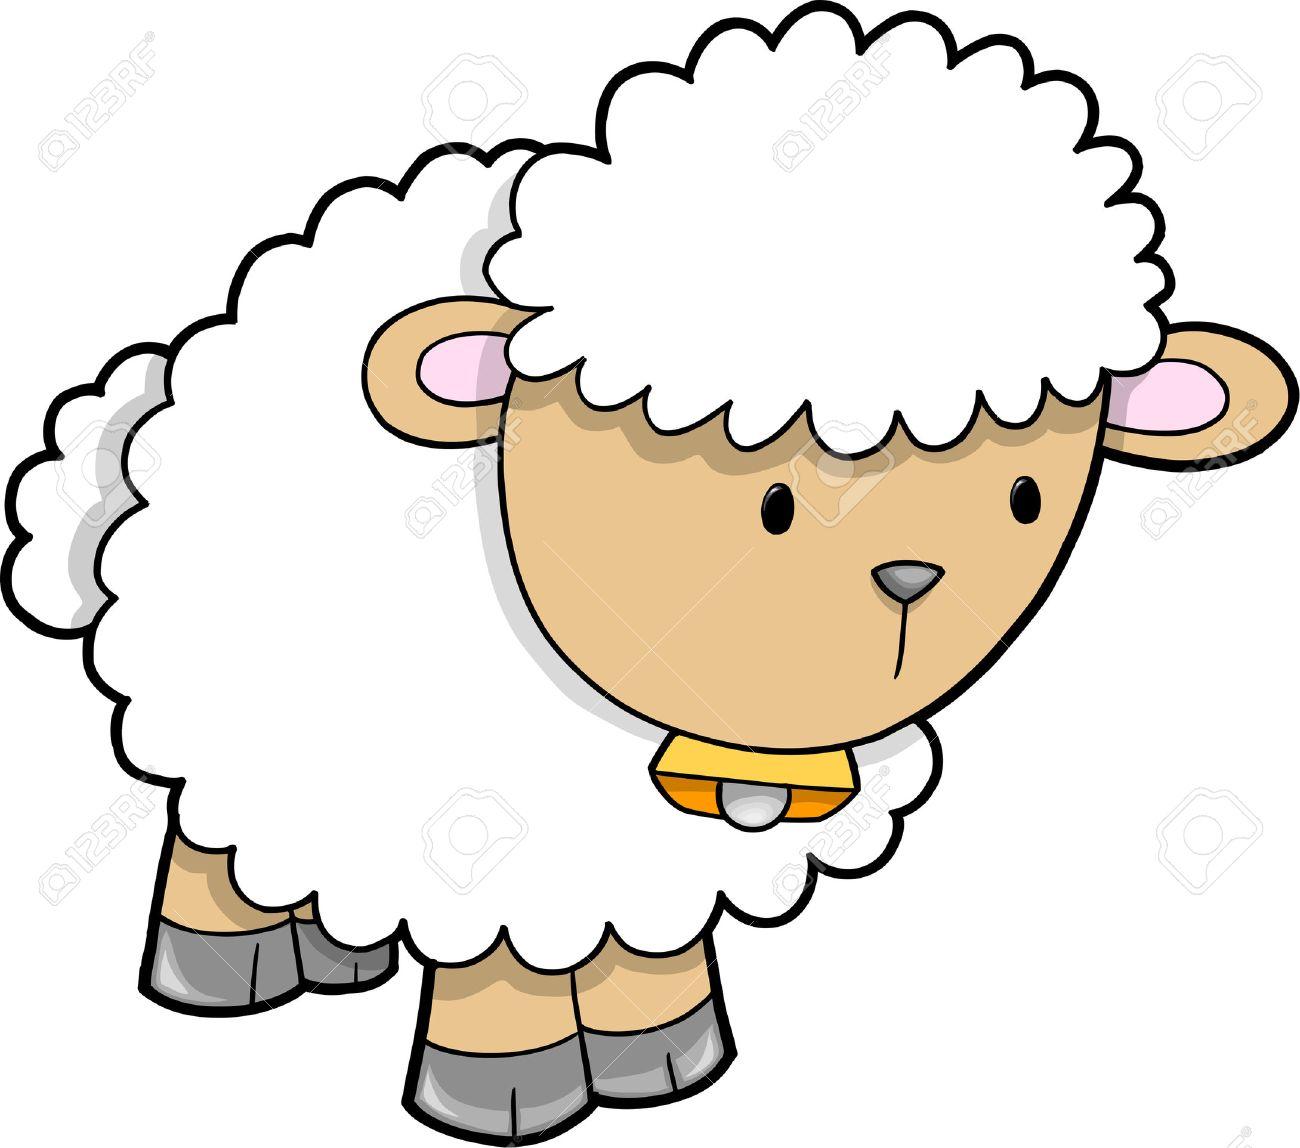 cute sheep vector illustration royalty free cliparts vectors and rh 123rf com sheep vector art sheep vector image